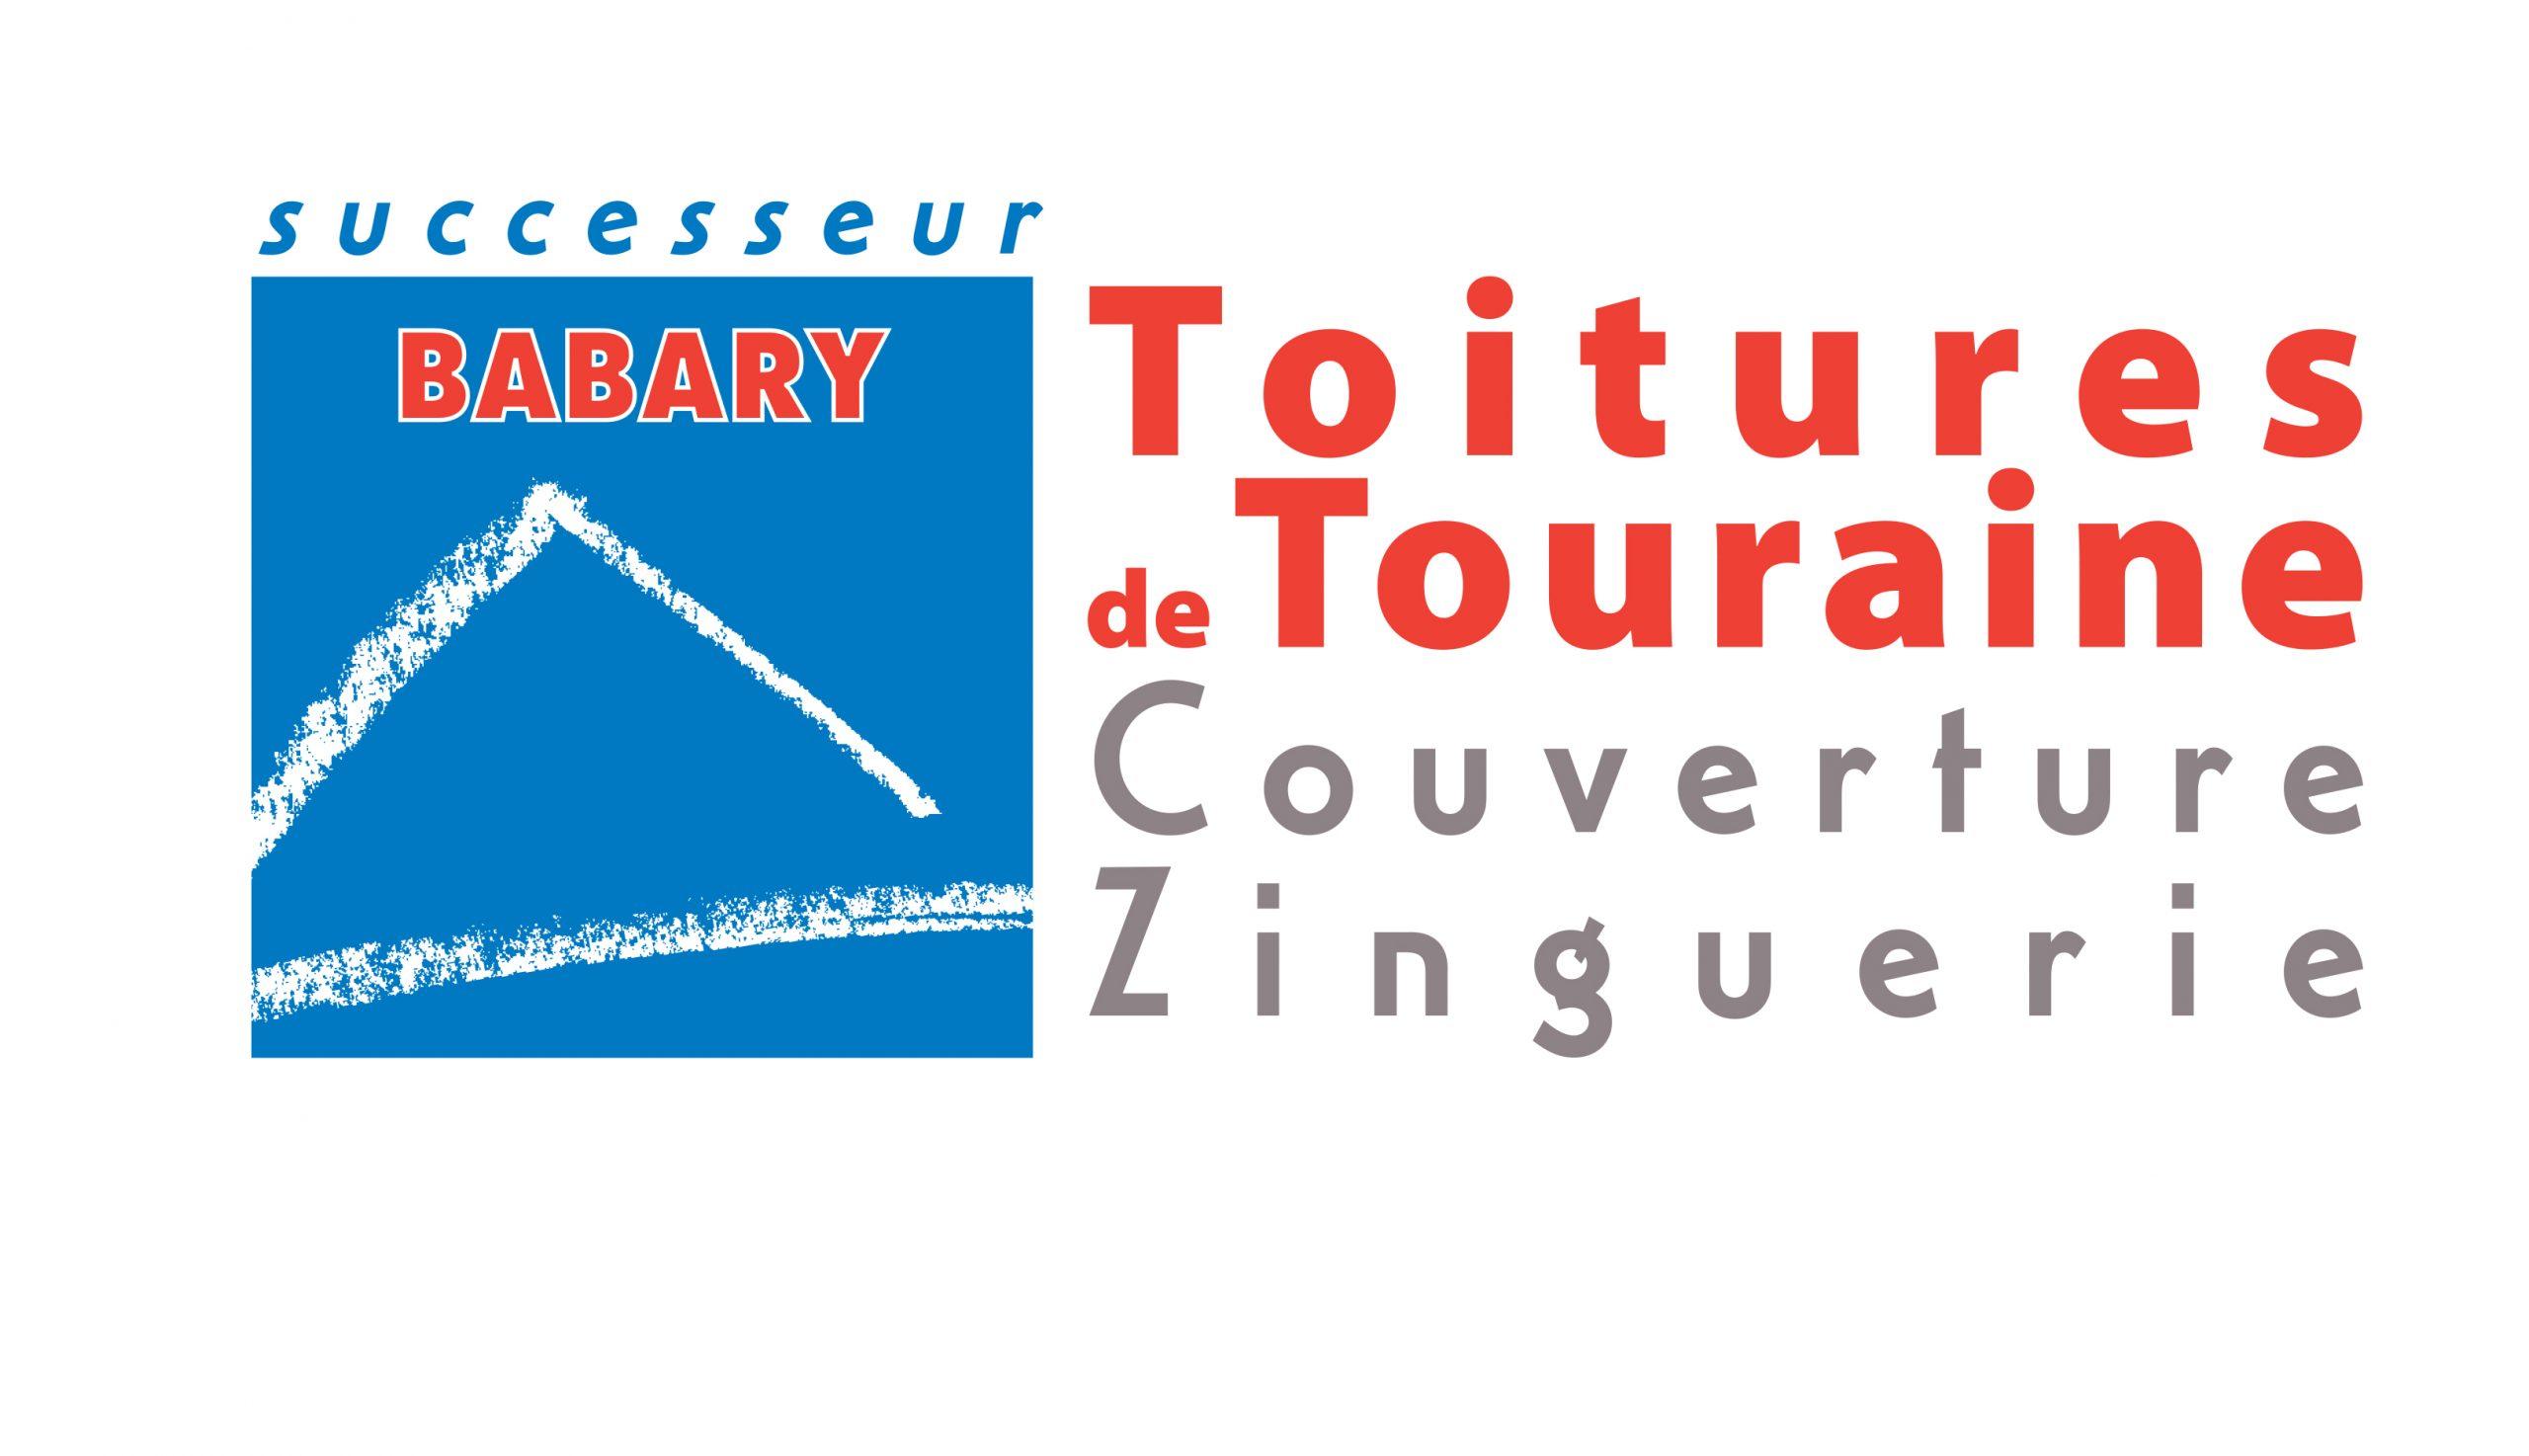 Toitures de Touraine